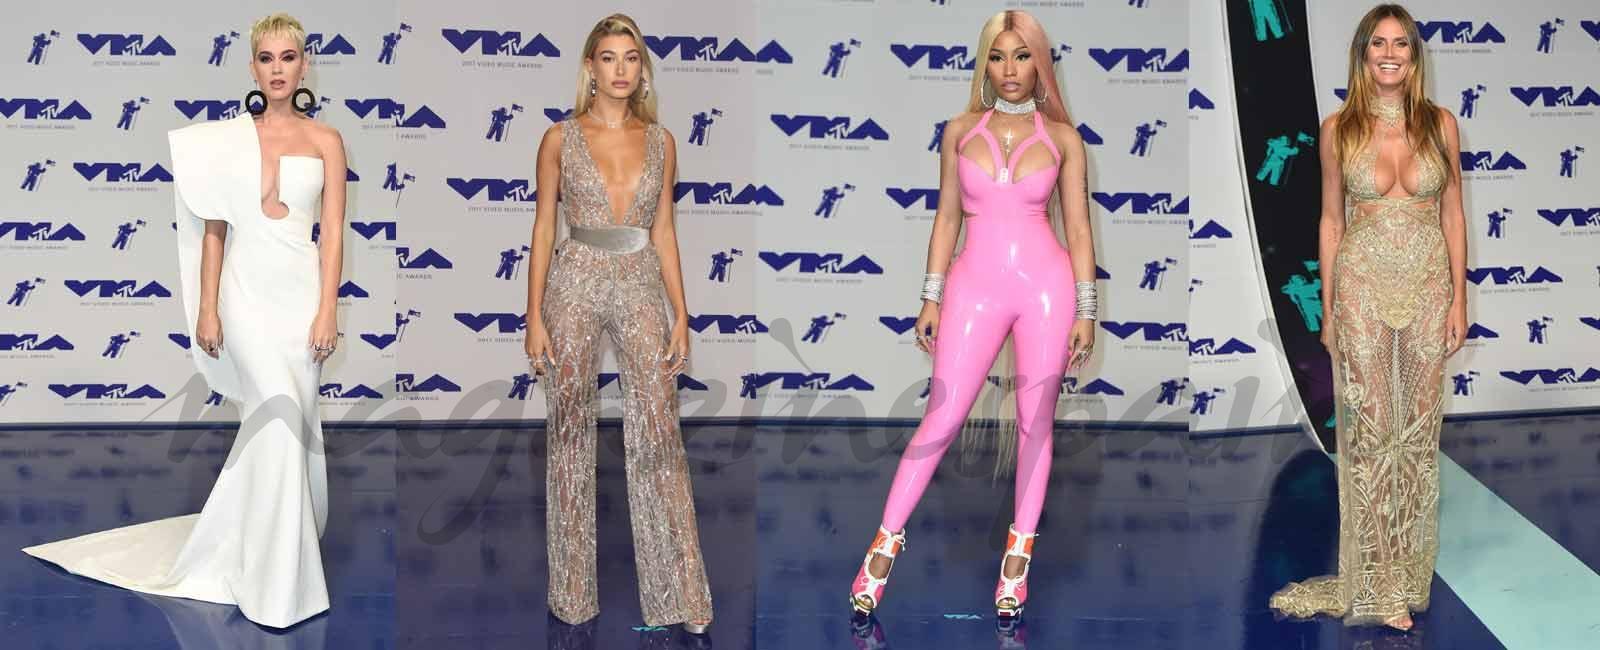 Los mejores (y los peores) looks de los MTV Video Music Awards